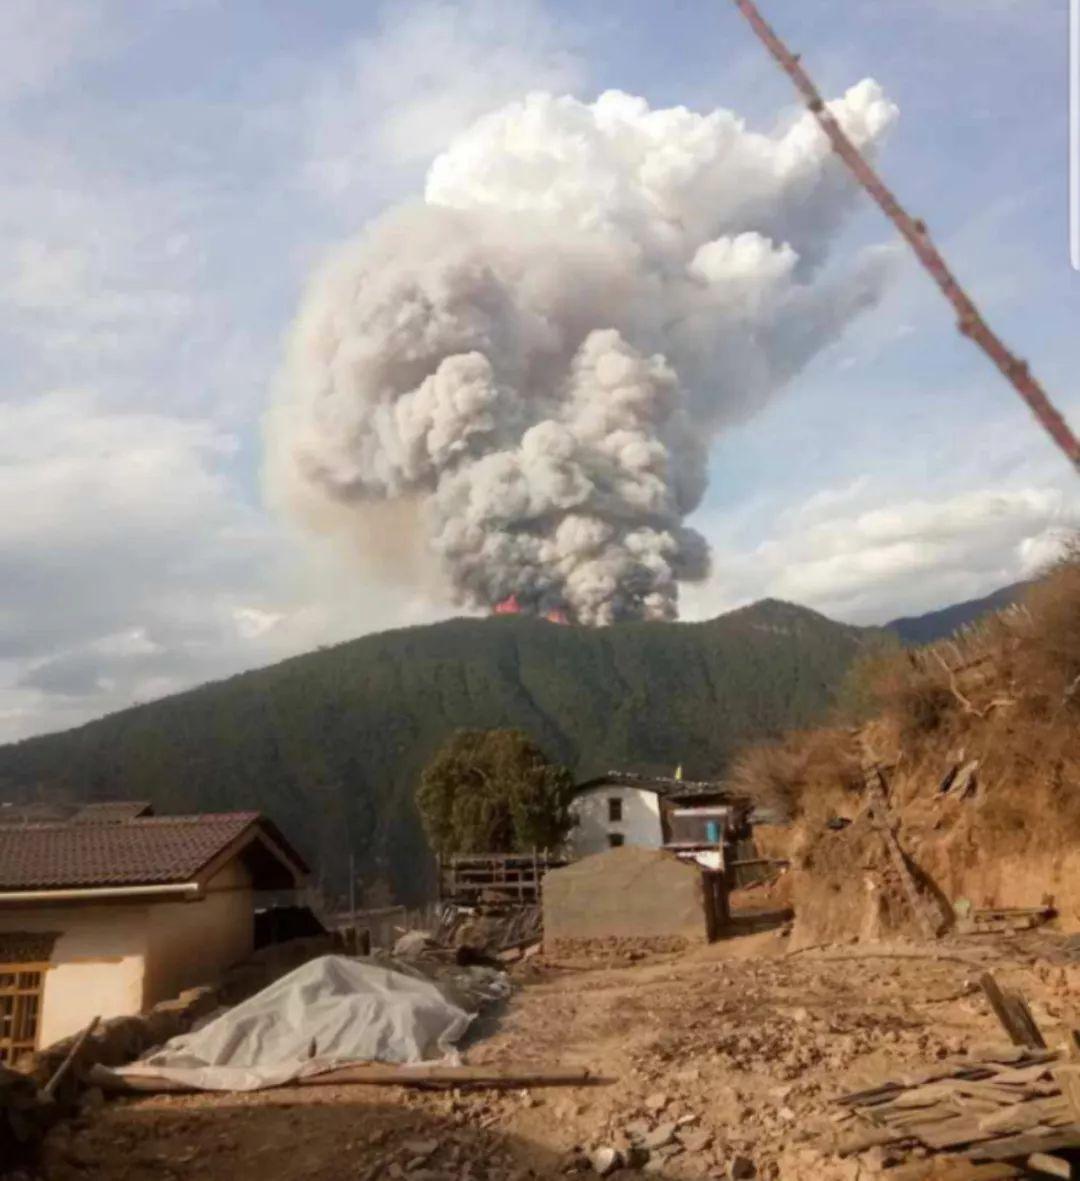 四川凉山火災現場冒出大量濃煙。